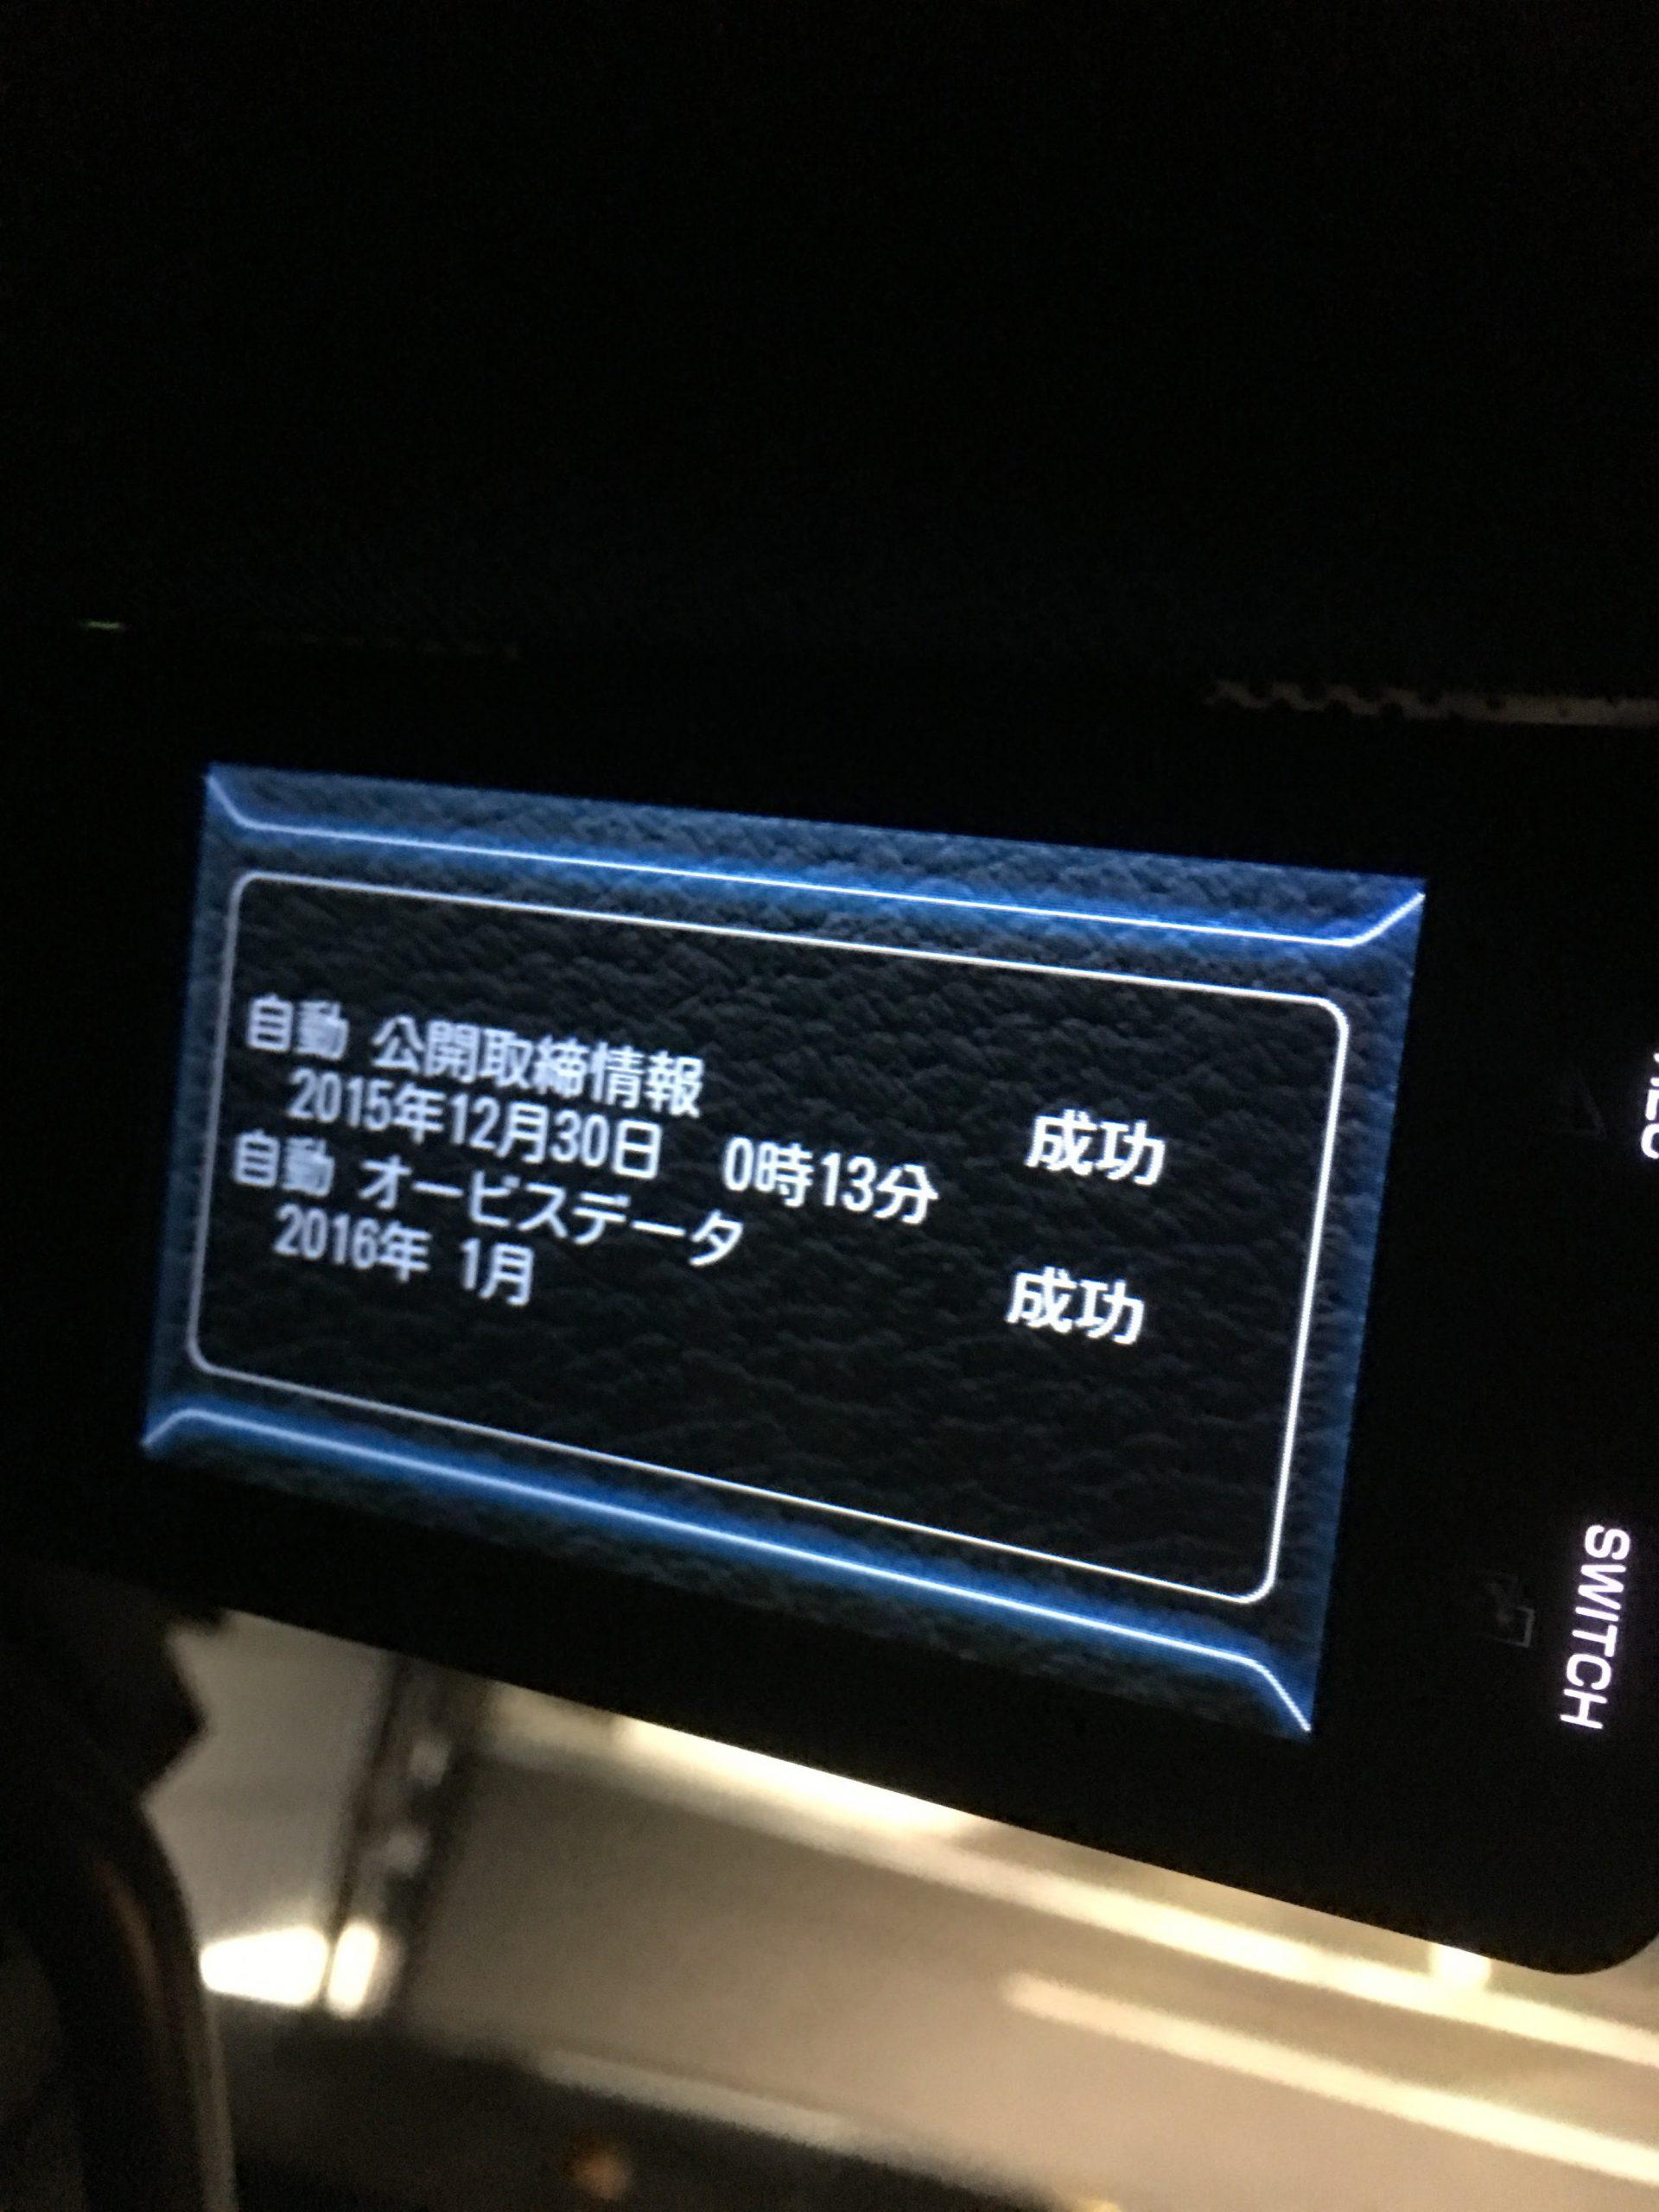 ユピテル専用の無線LAN機能付きSDカード(OP-WLSD08)ではなく安い東芝FlashAir(W-03)にてオービス・取締データを自動更新♪ユピテルレーダー探知機&ドライブレコーダー【Z800DR】